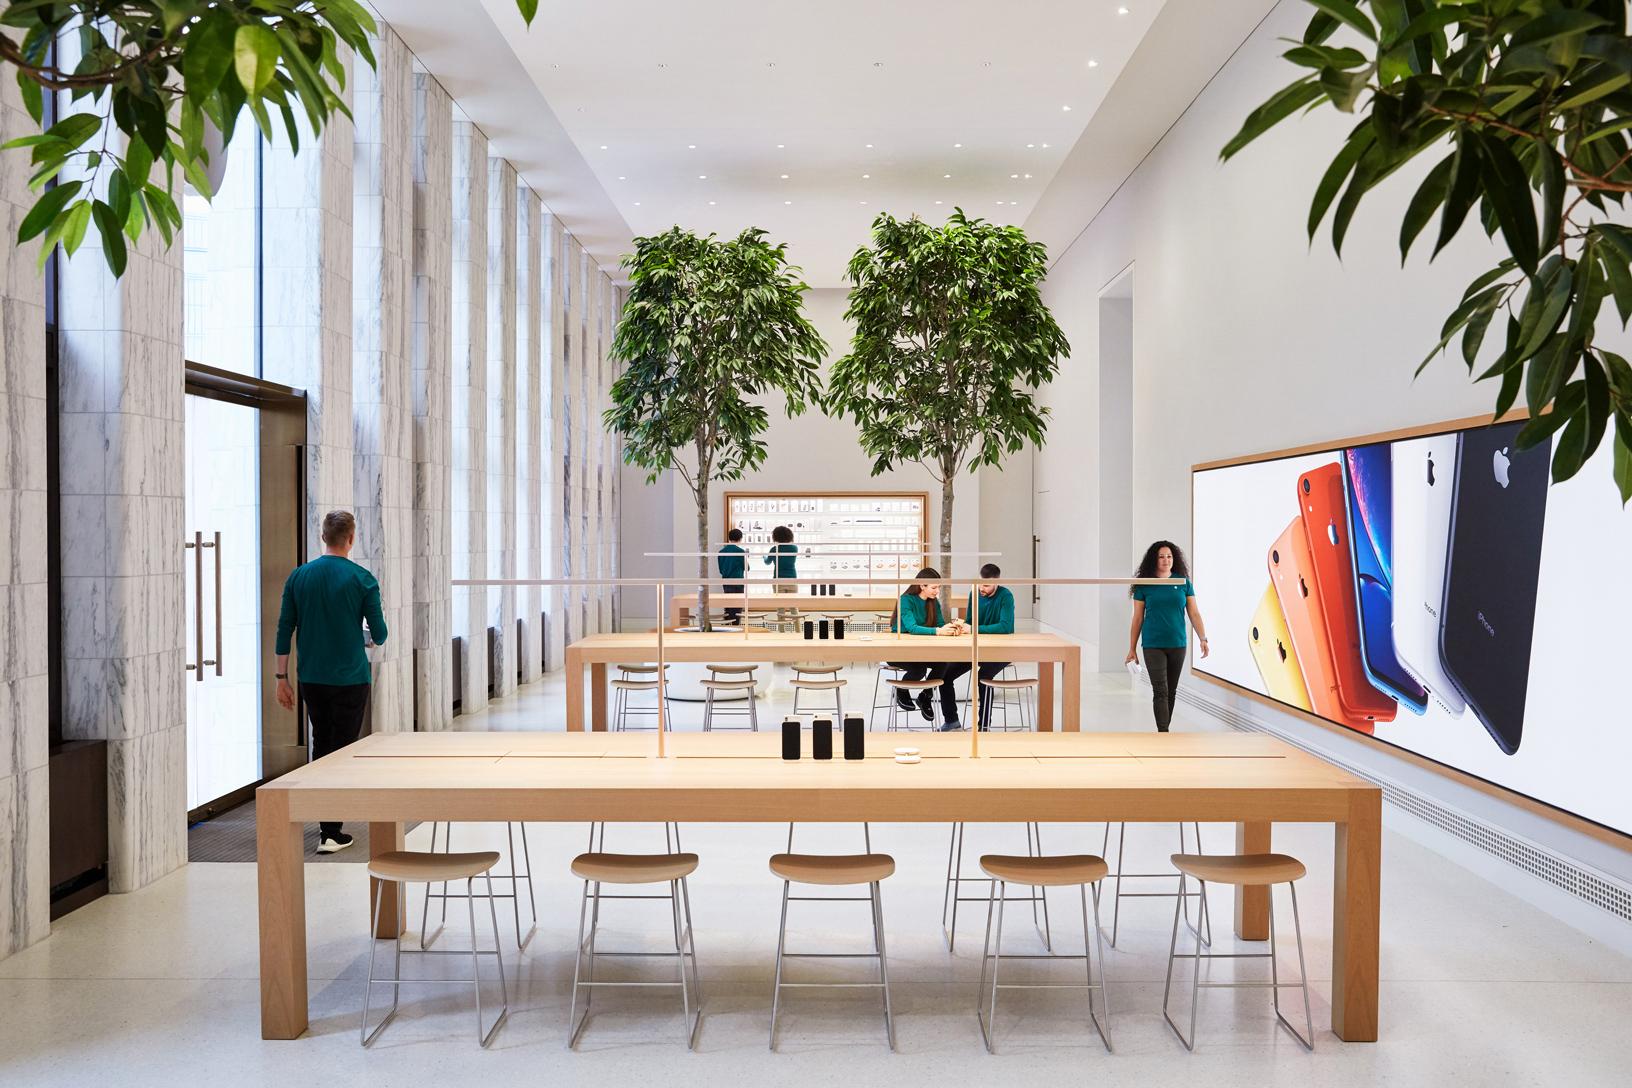 苹果迄今为止最浩大的历史性修复项目:百年图书馆变身 Apple Store